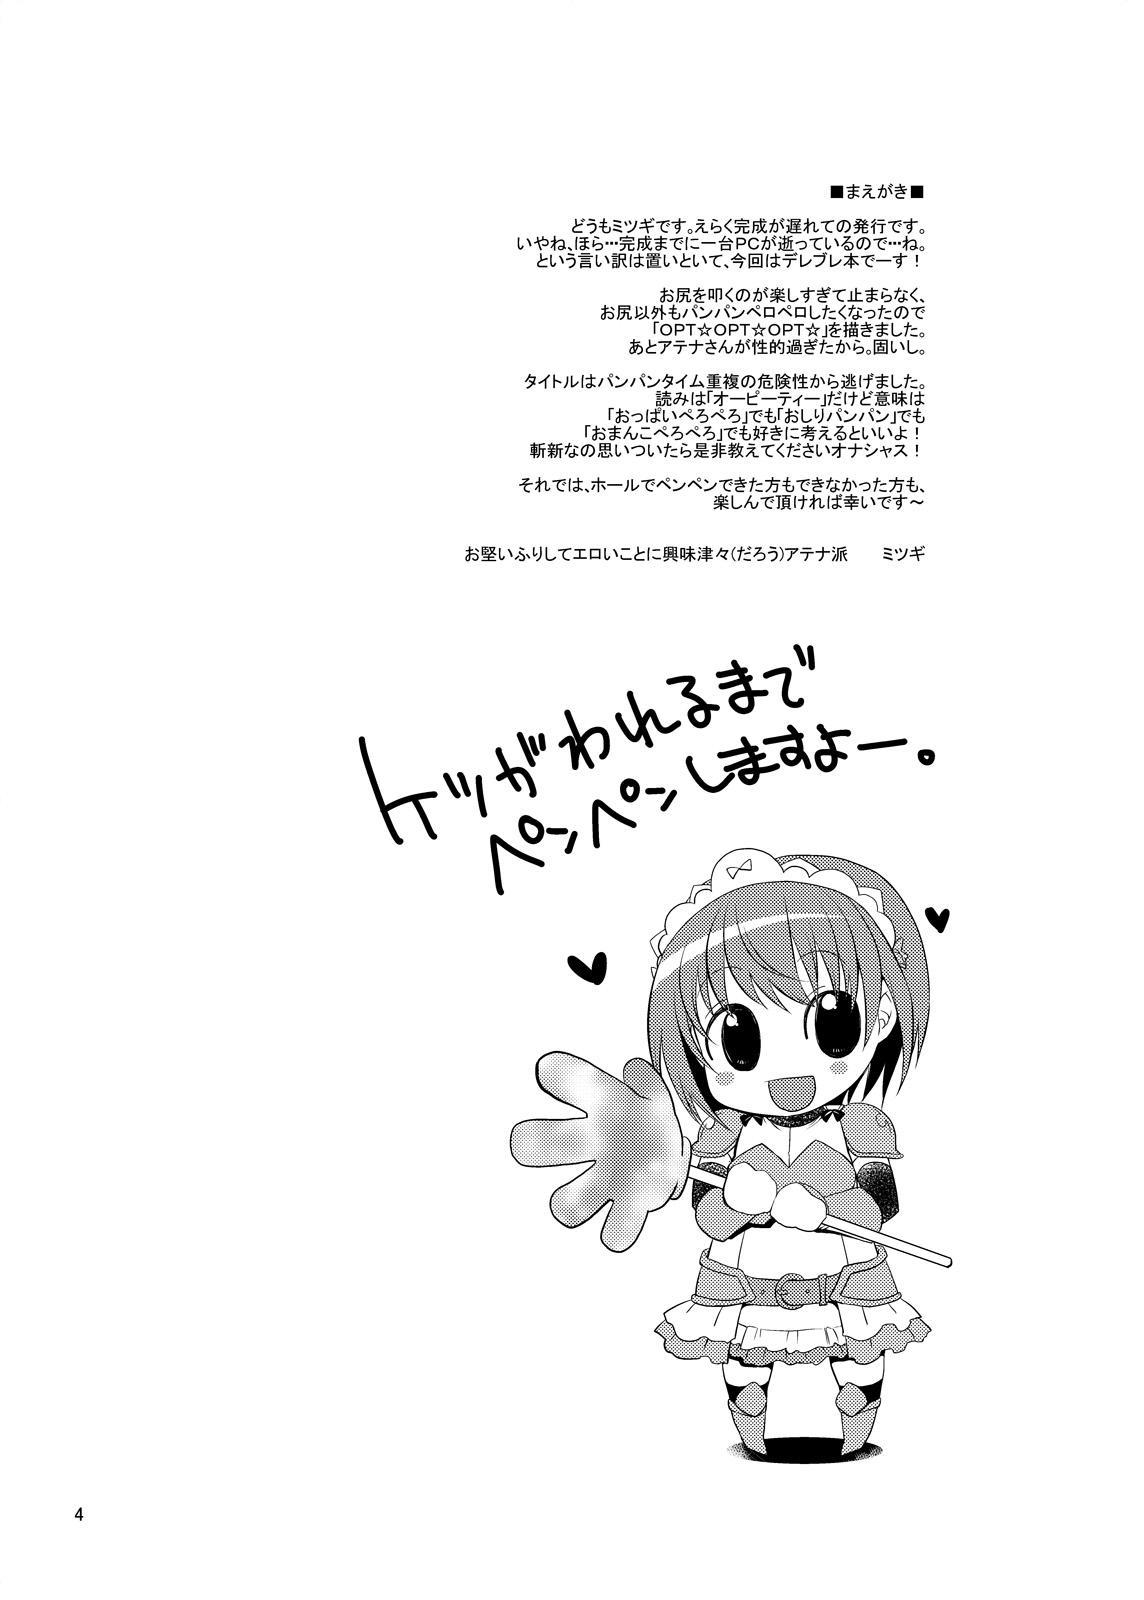 PachiSuro-kei Doujinshi Matome Pack 3